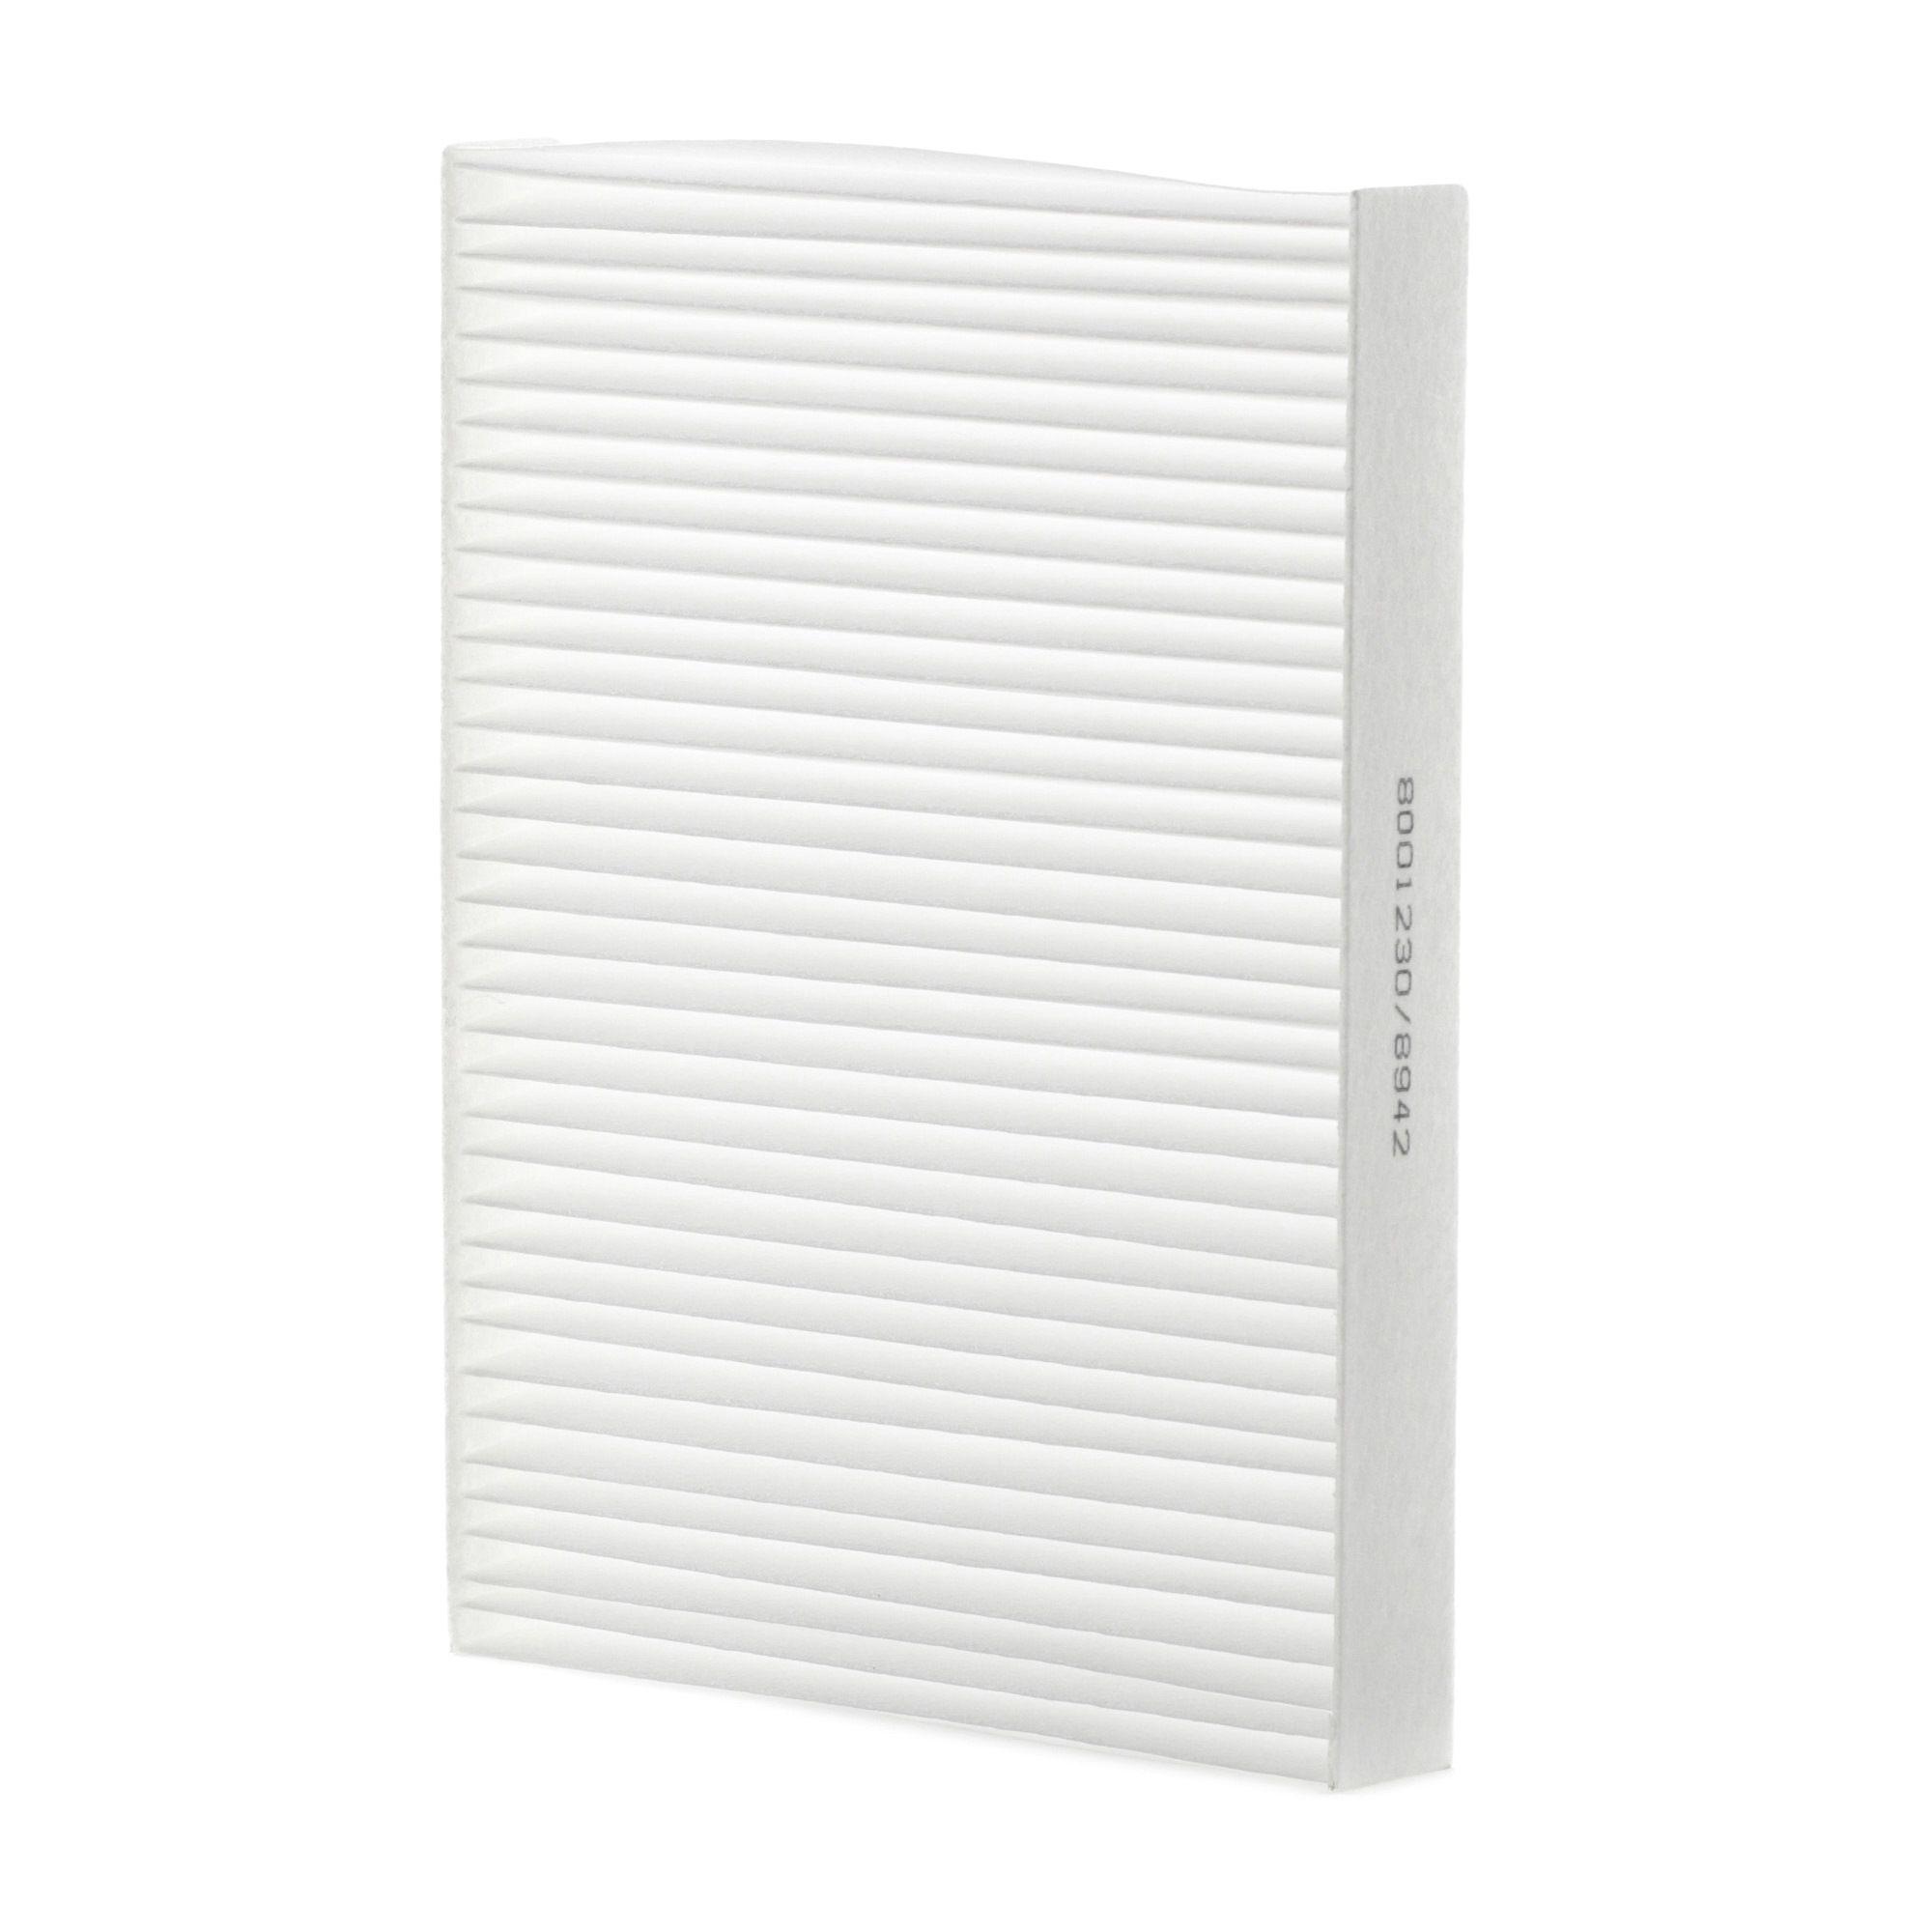 RIDEX: Original Klimafilter 424I0057 (Breite: 166mm, Höhe: 25mm, Länge: 215mm)